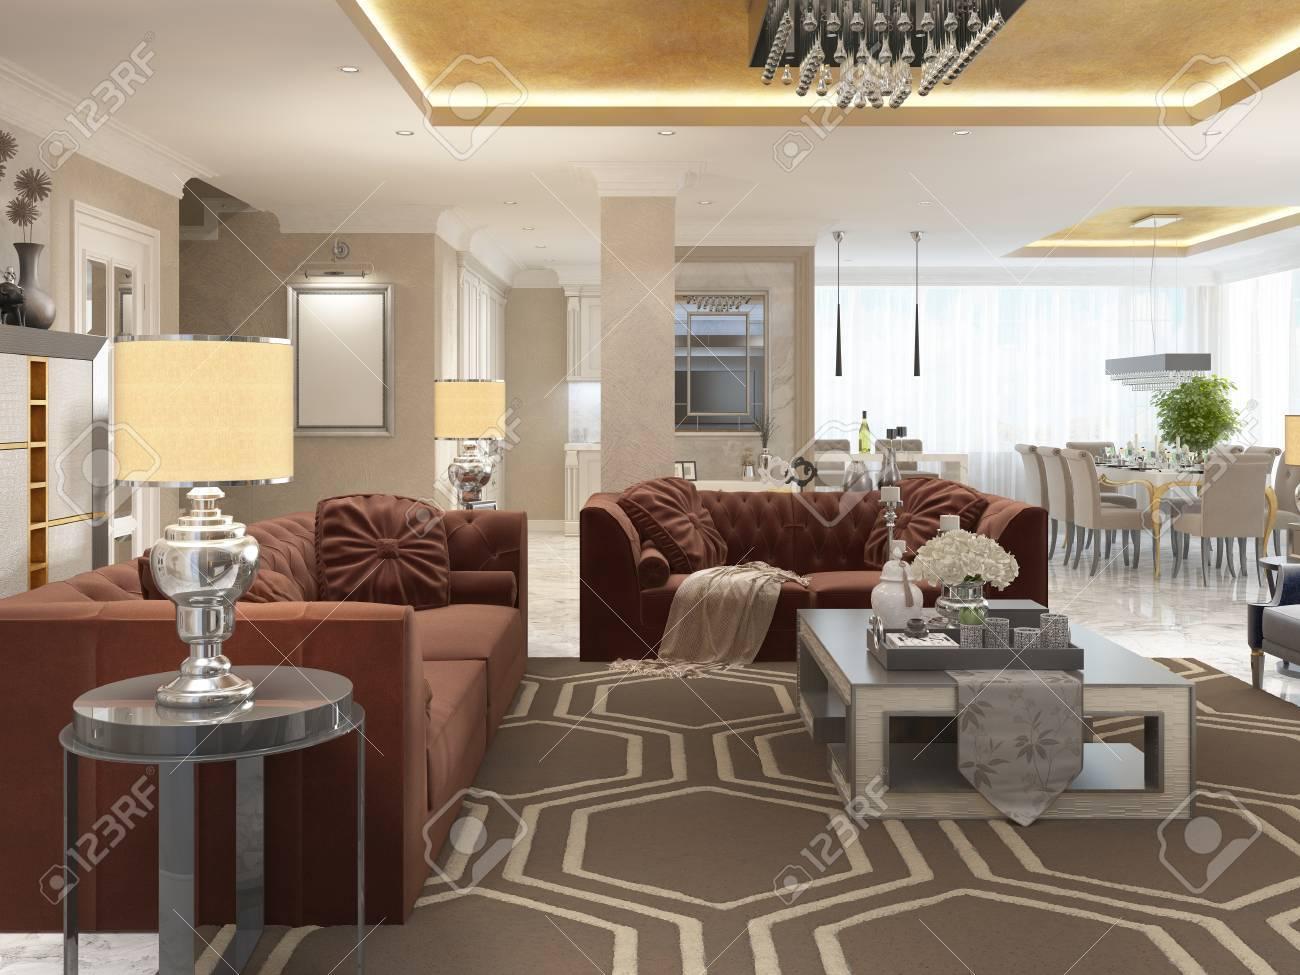 Luxus designer wohnung studio in der kunst deco stil wohnbereich